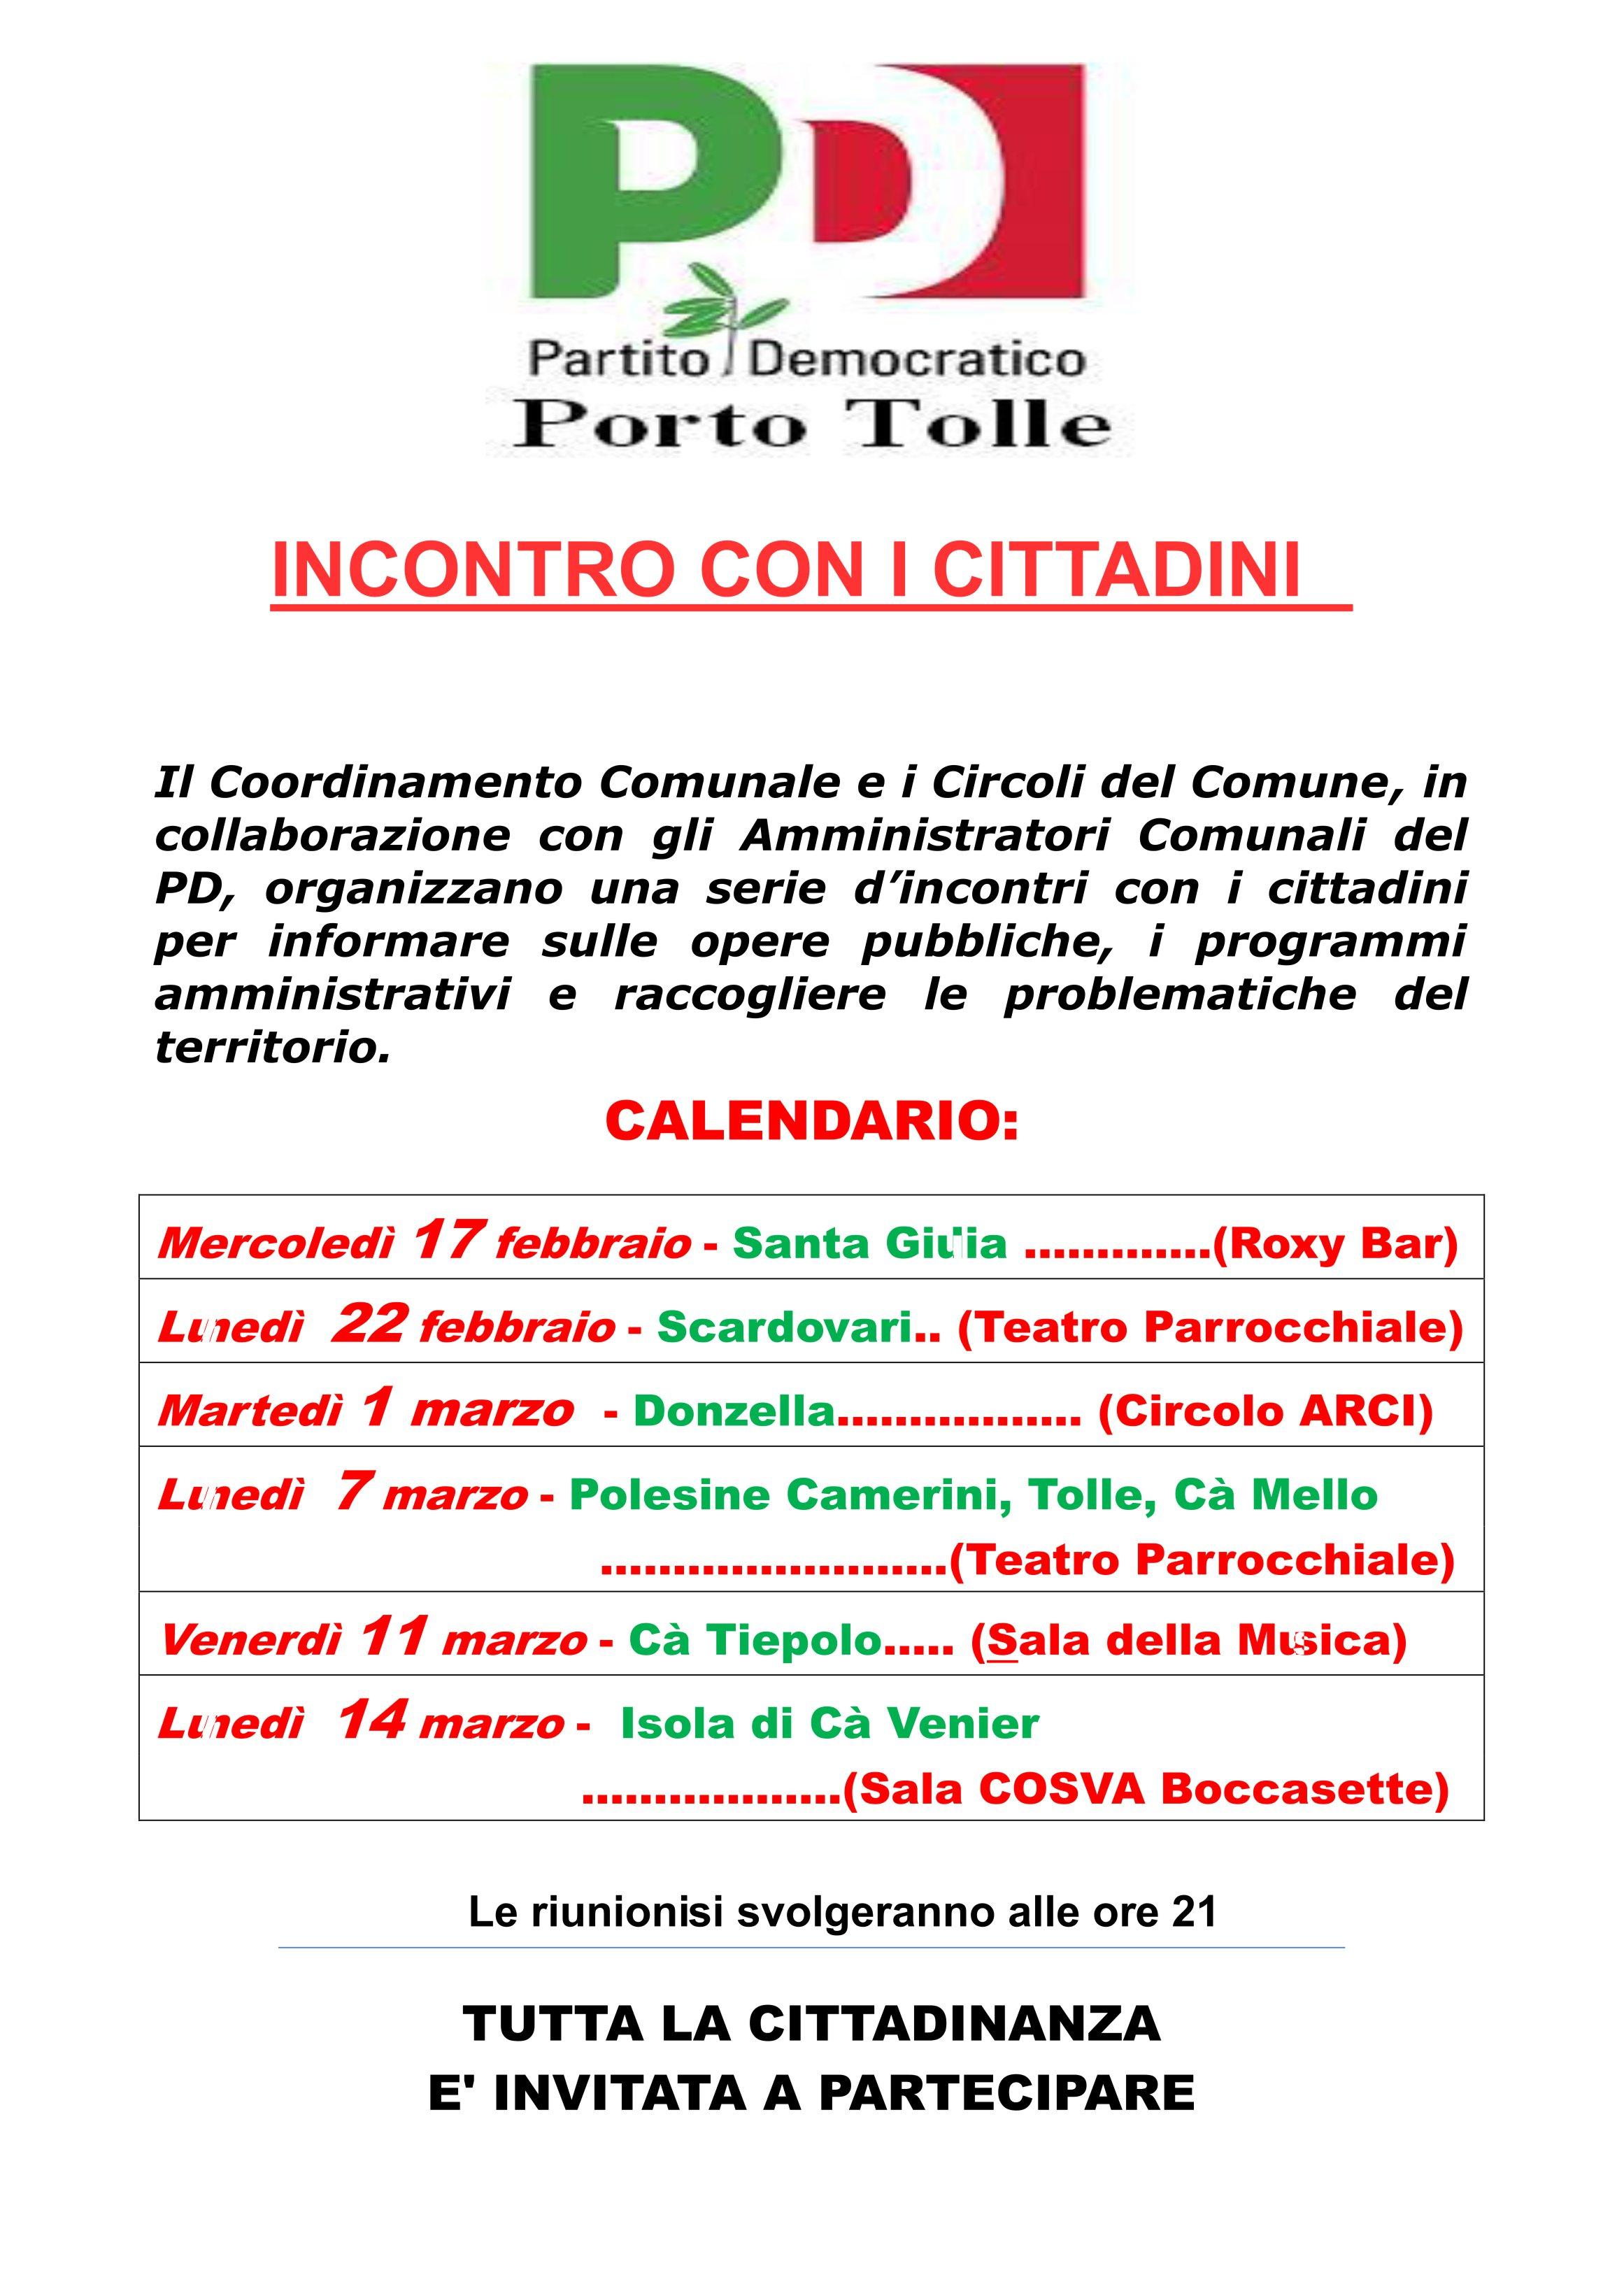 Incontro con i cittadini di Porto Tolle